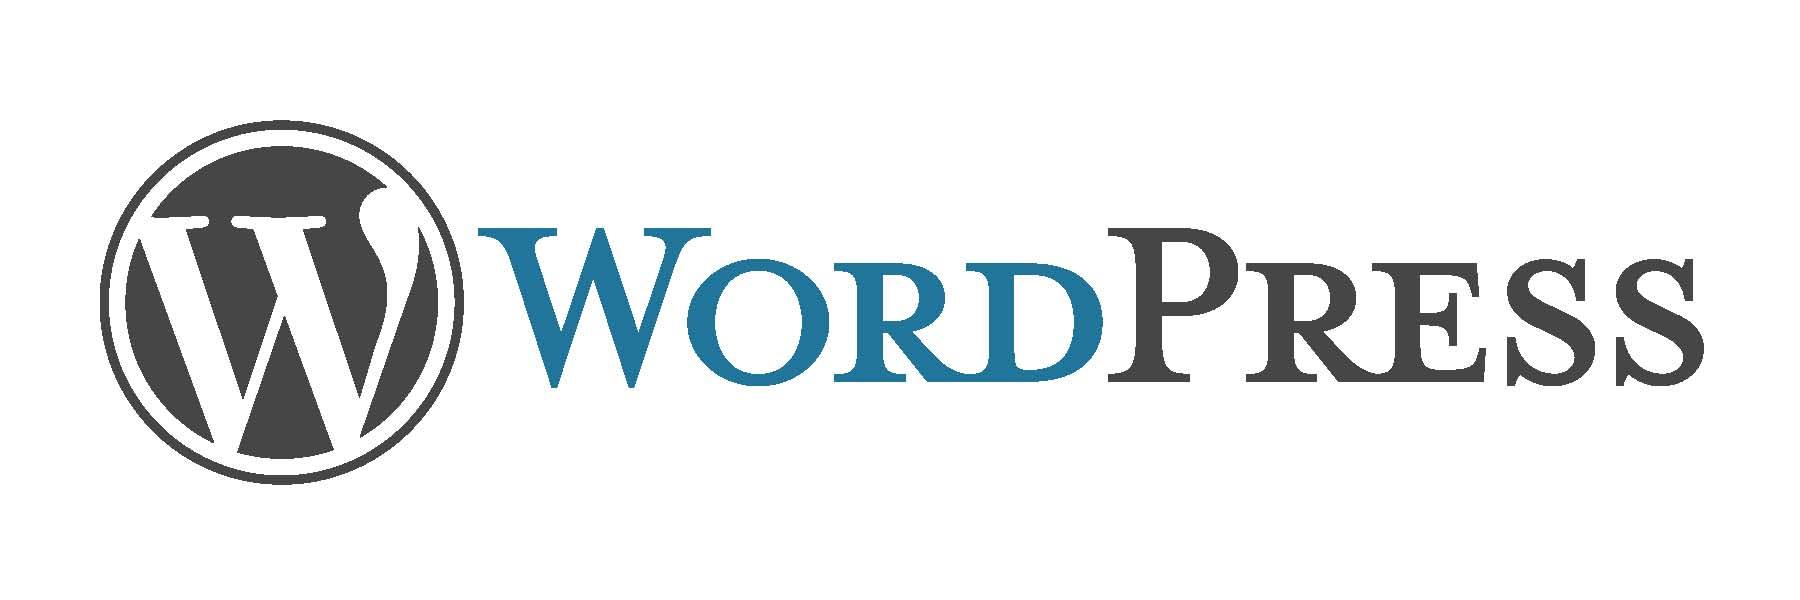 SOS Iperdesign: le migliori piattaforme per blog gratis iperdesign